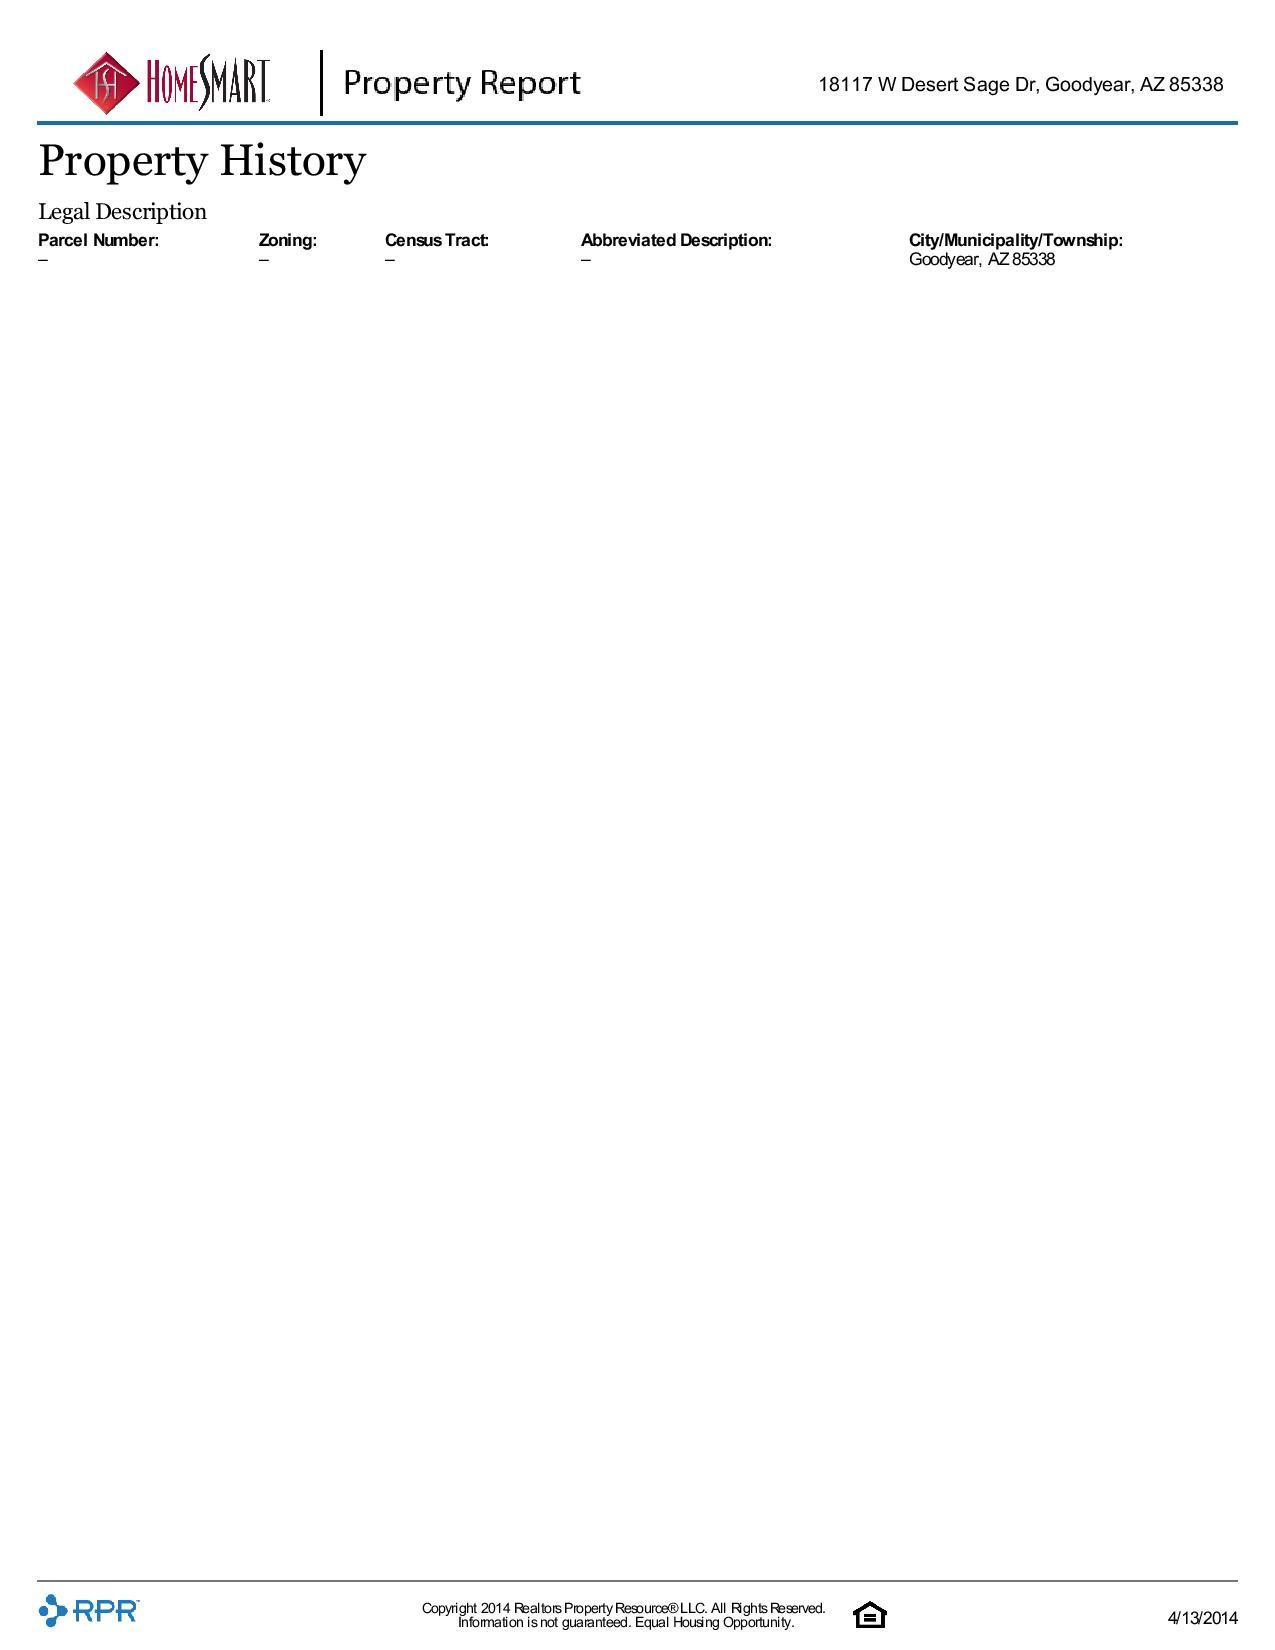 18117-W-Desert-Sage-Dr-Goodyear-AZ-85338-page-006